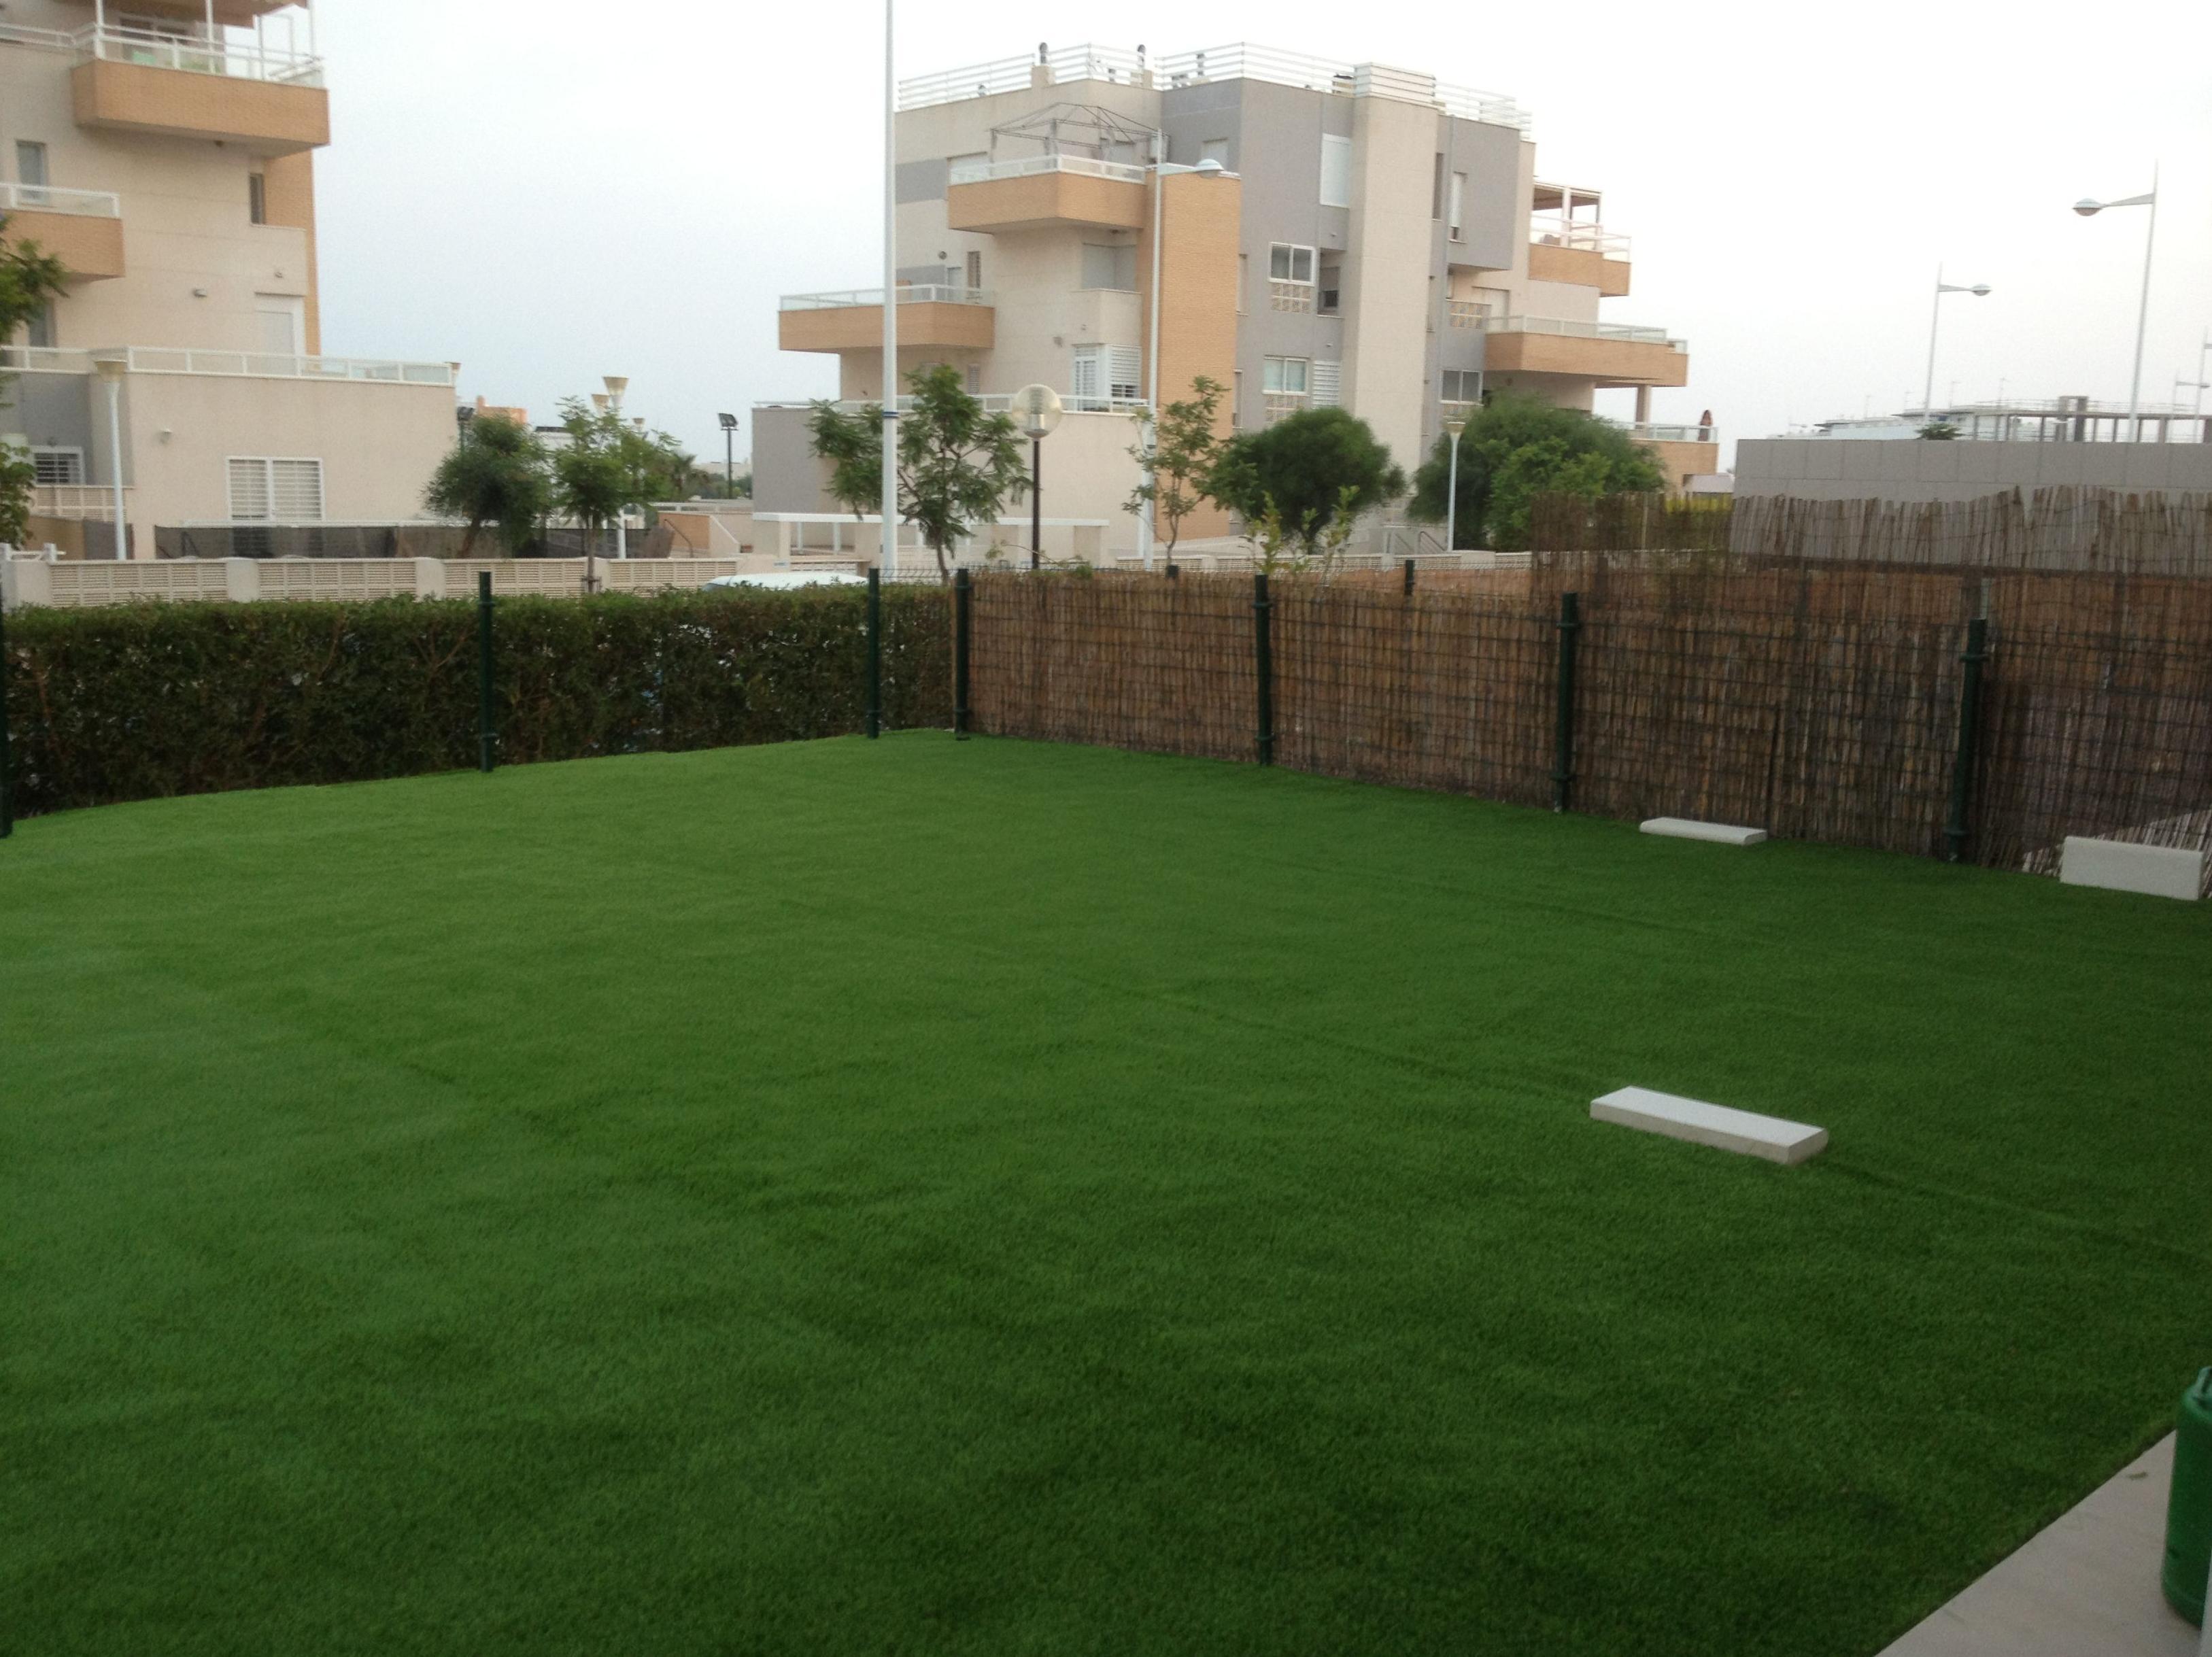 Mantenimiento de jardines públicos y privados